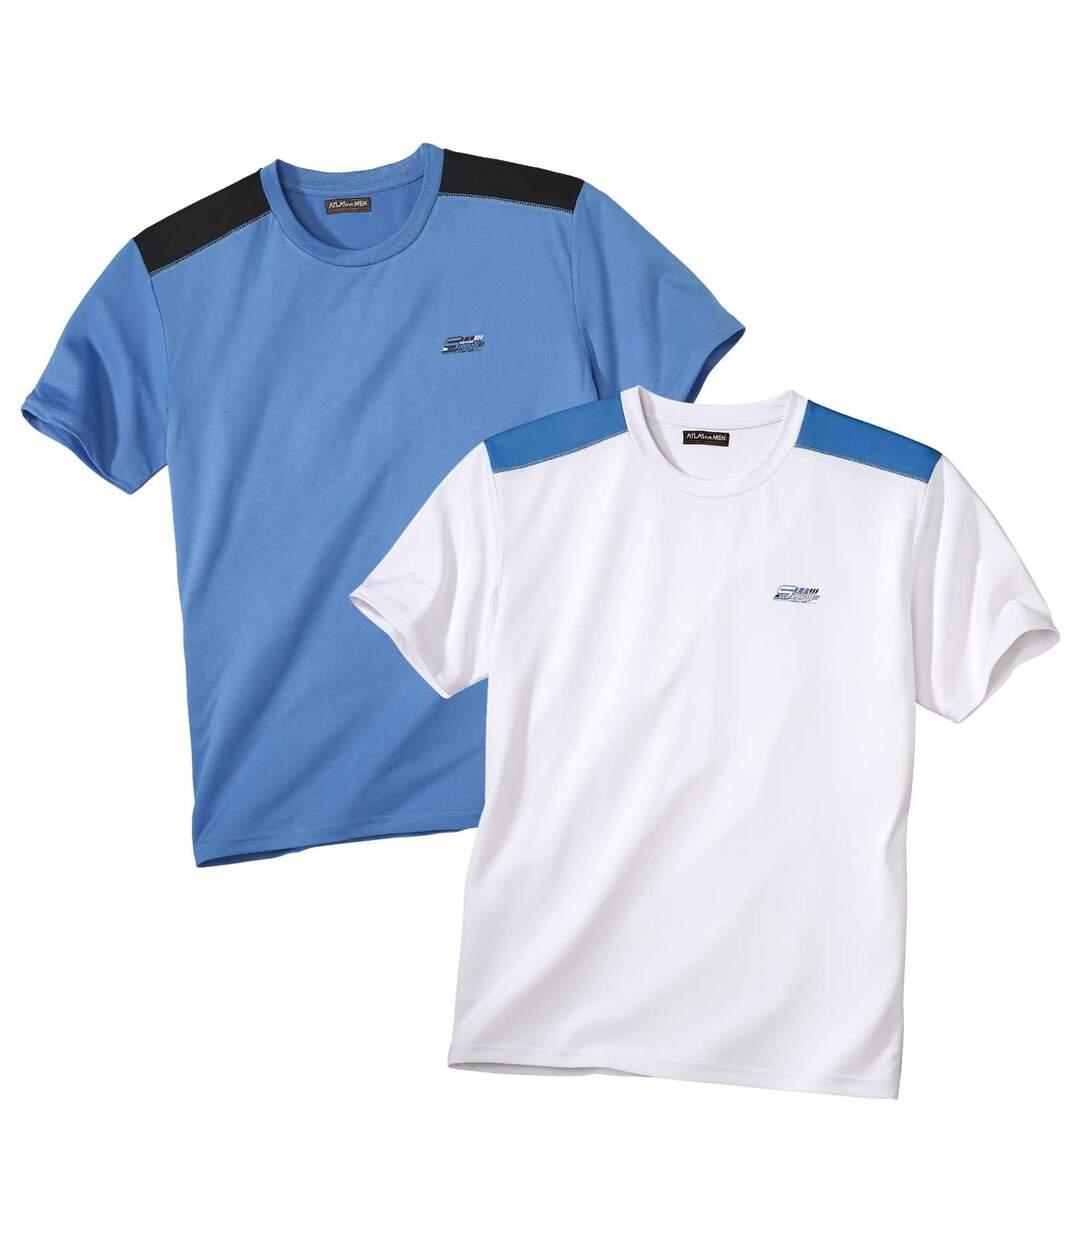 2er-Pack T-Shirts im sportlichen Design